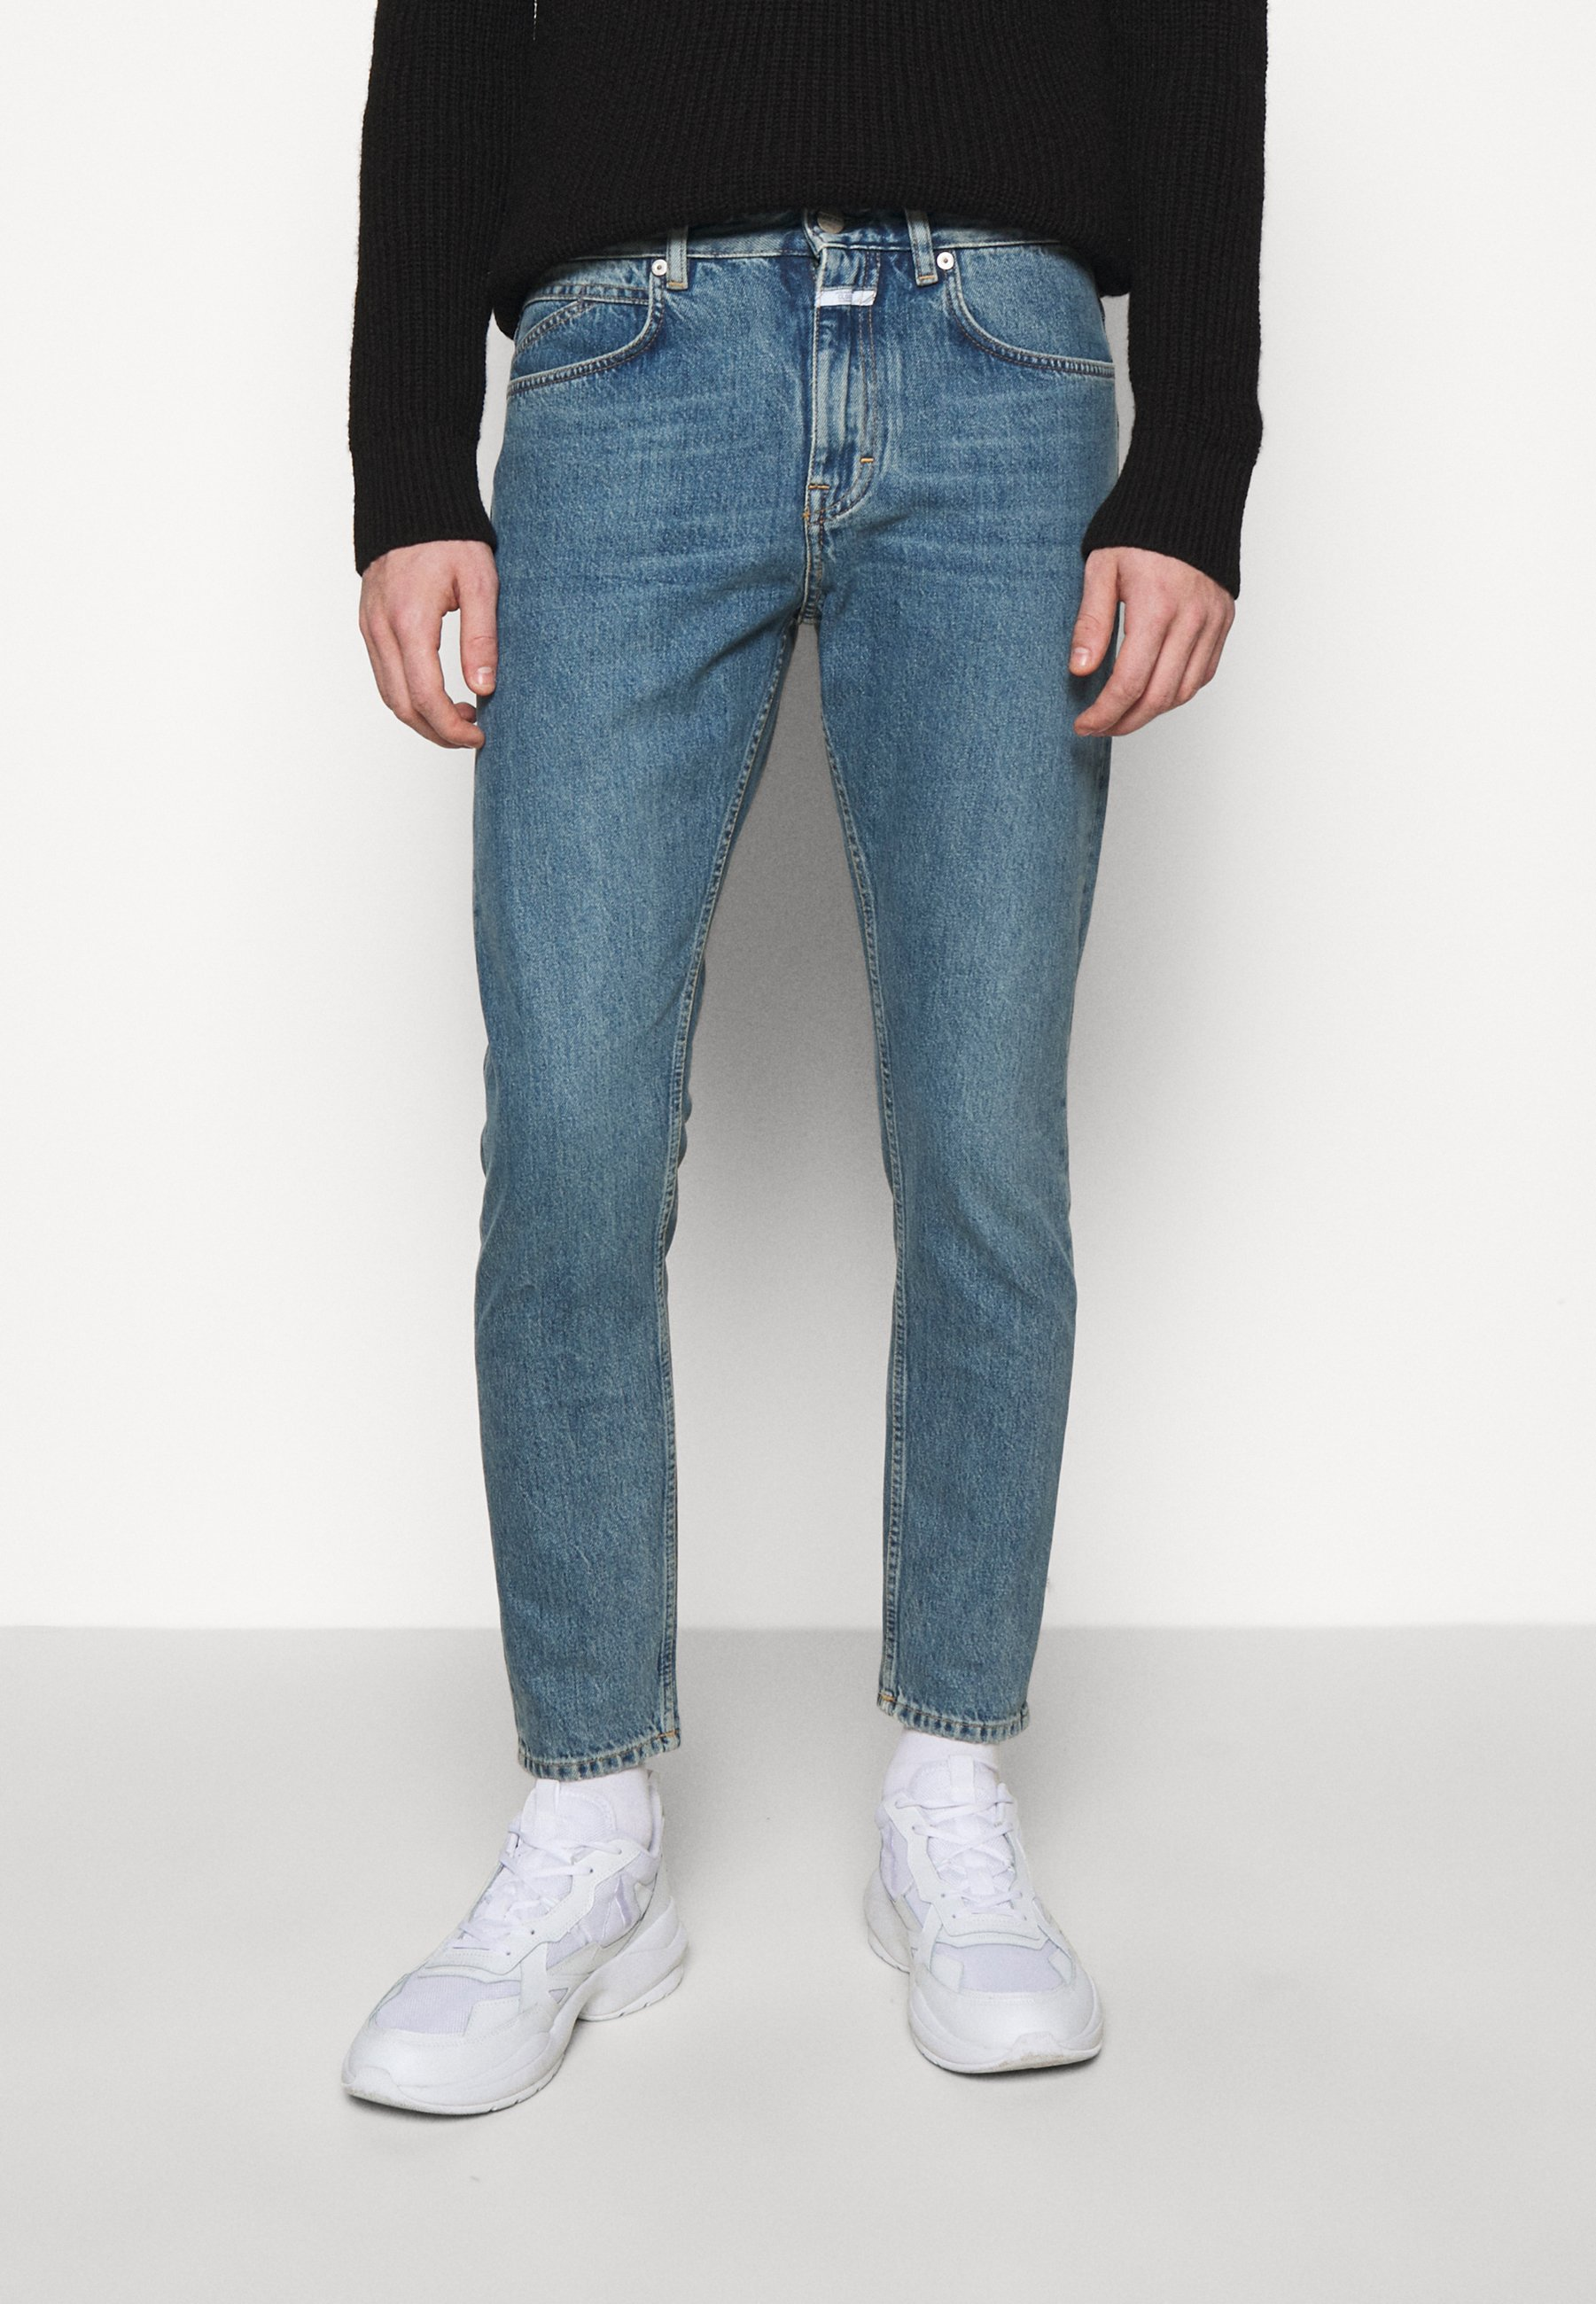 Homme COOPER - Jeans fuselé